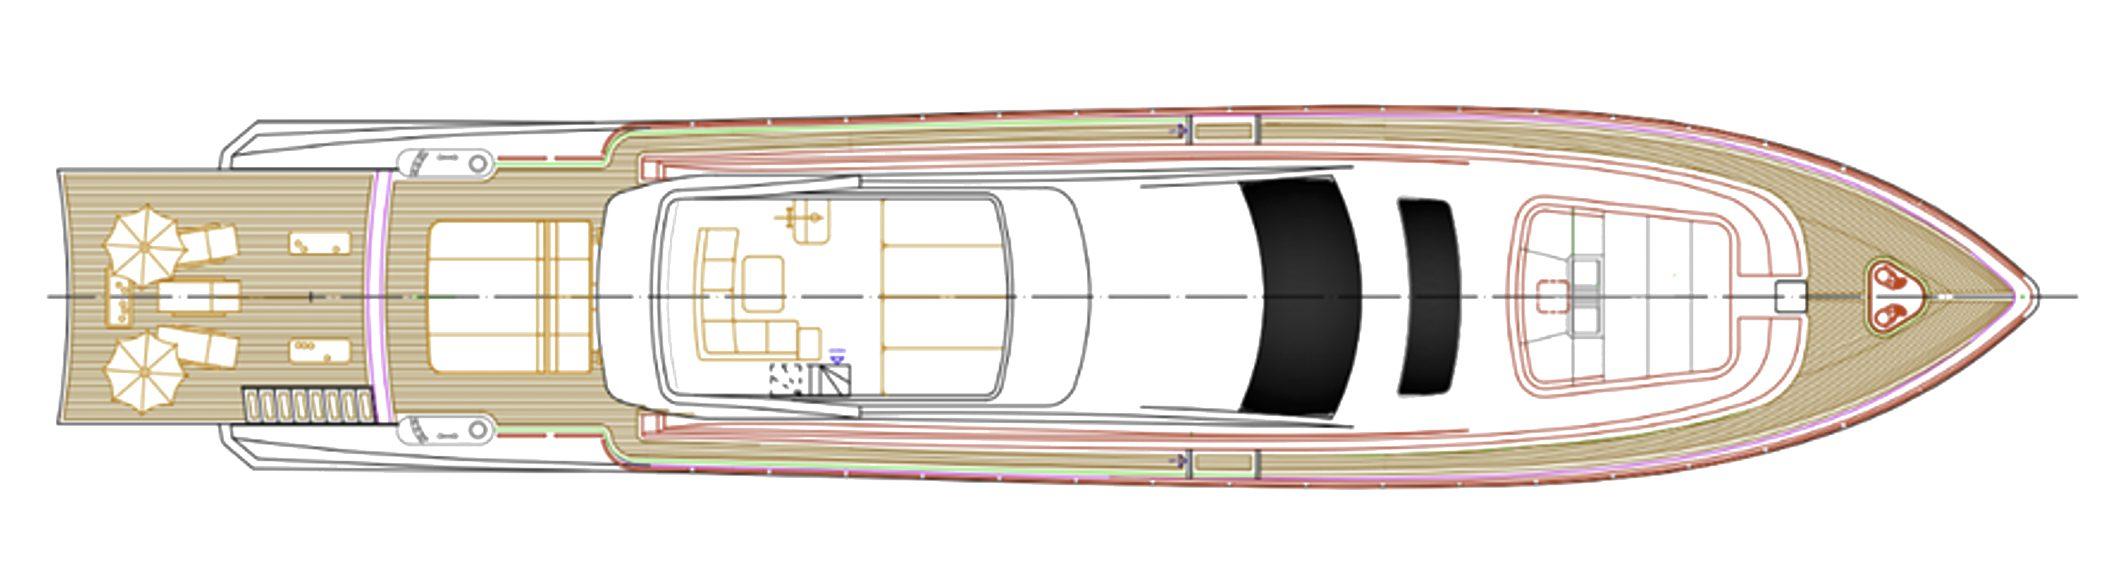 fly deck design leopard version 2